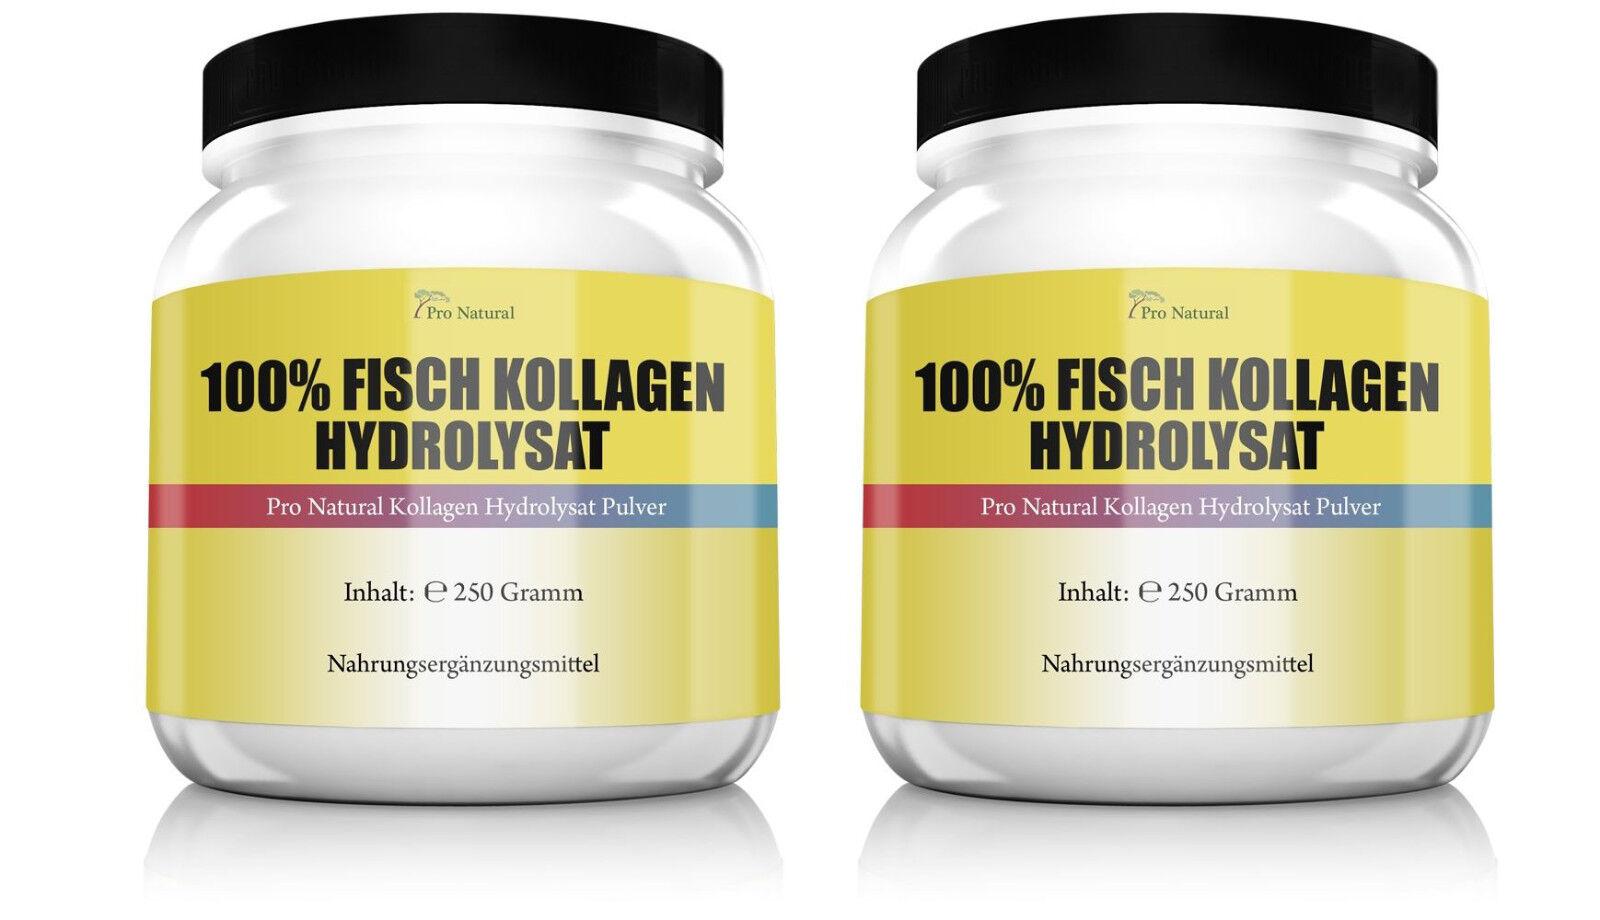 2x Pro Natural 100% Fisch Kollagen Hydrolysat Pulver 500g Haut Gelenke & Knorpel